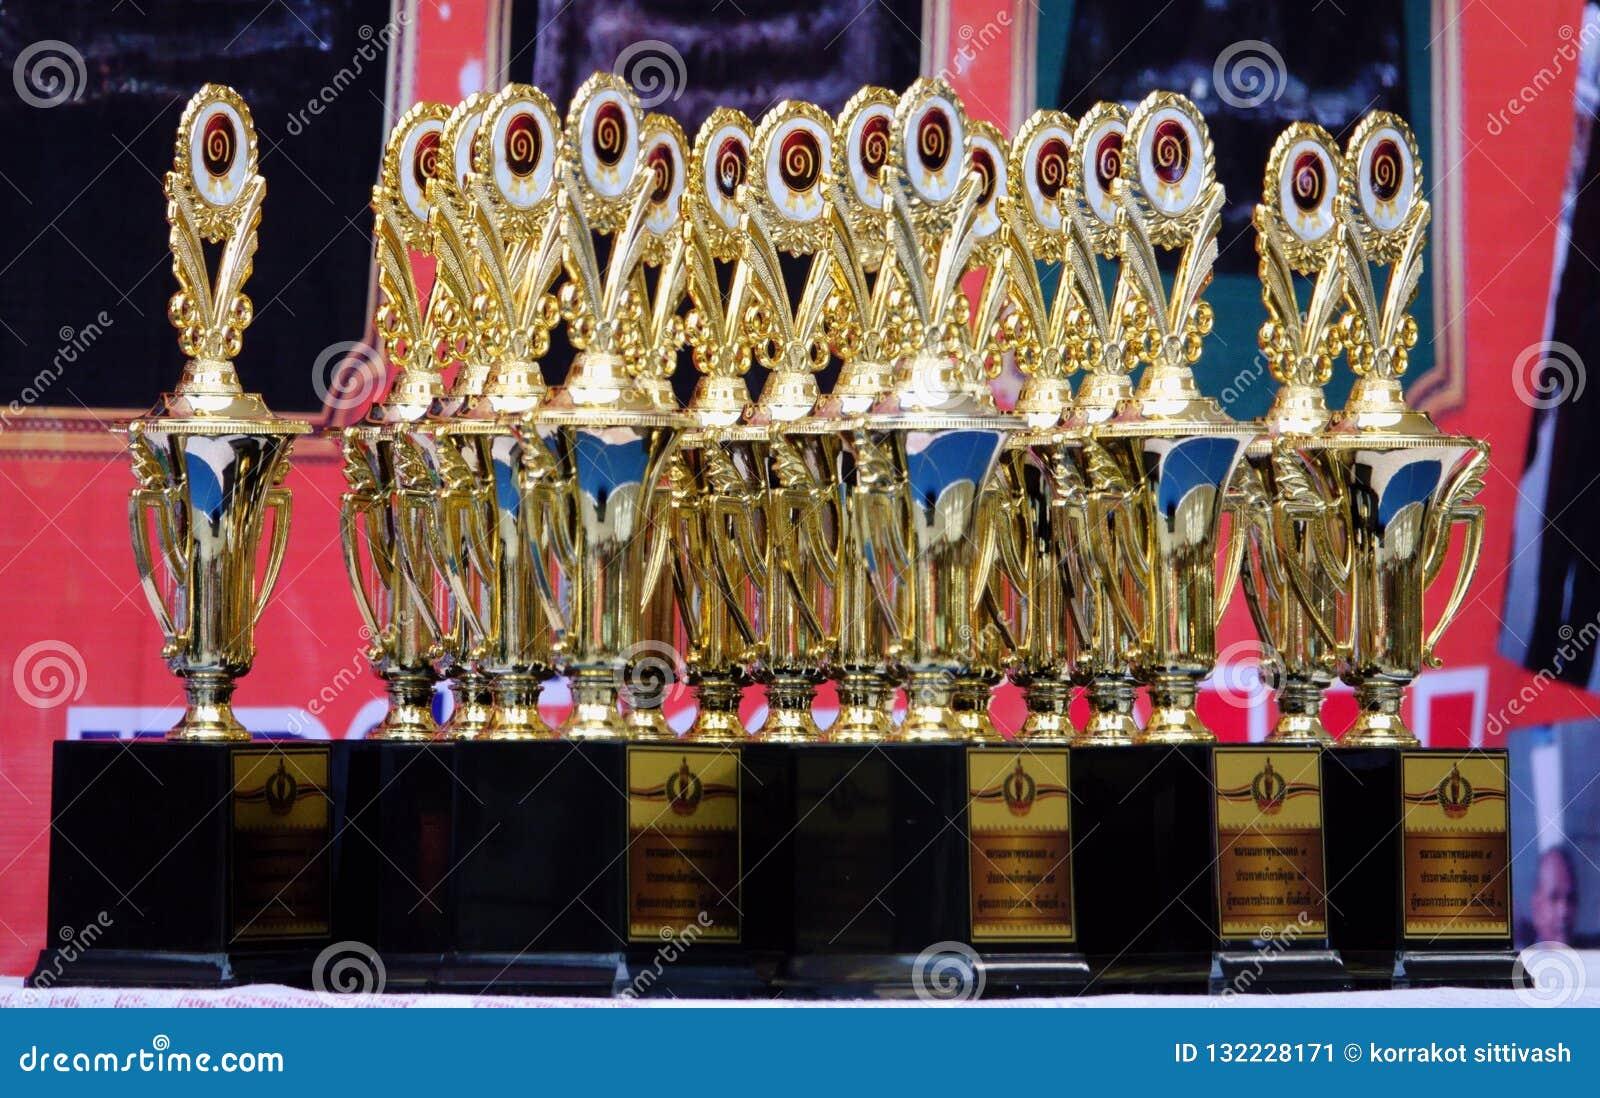 18-november-2018 LATKABANG THAILAND guld- trofé Förbered sig för den begåvade personen och segra jobbet